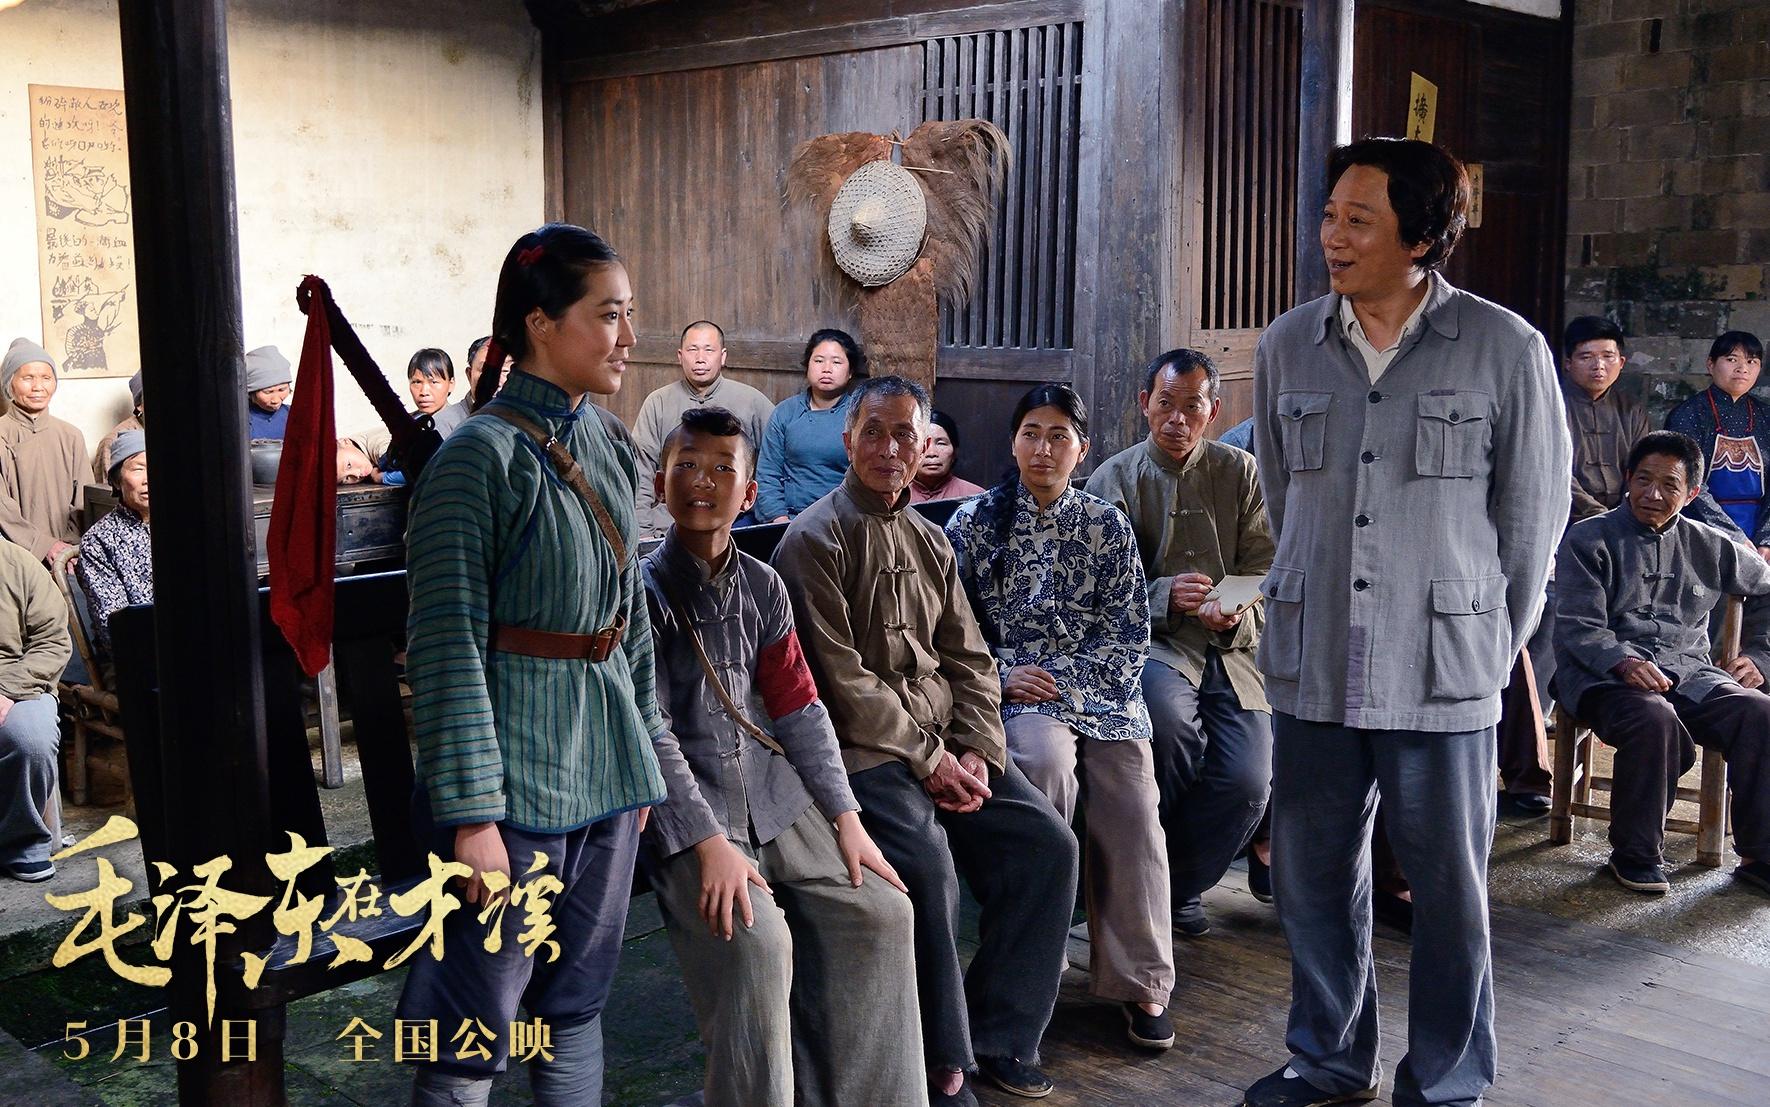 电影《毛泽东在才溪》发布终极海报预告 (3).jpg